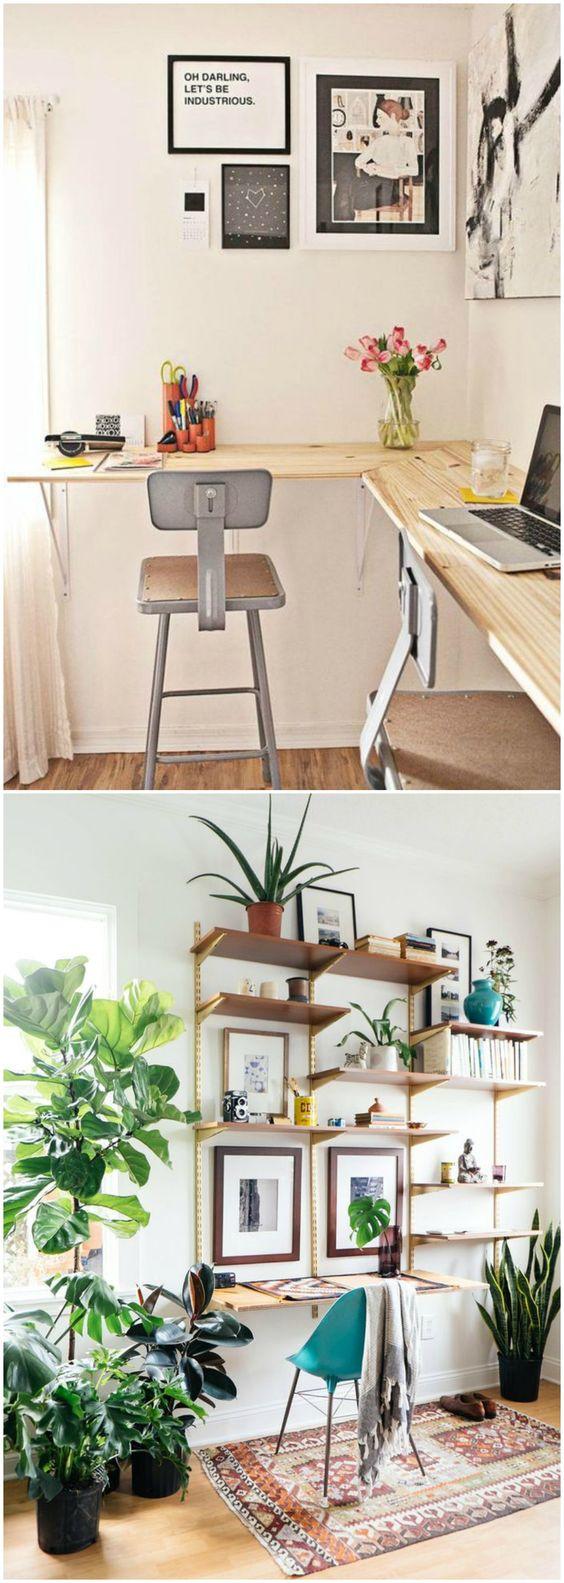 DIY escritorio. Ideas para fabricar tu propio escritorio. Visto en www.ecodecomobiliario.com